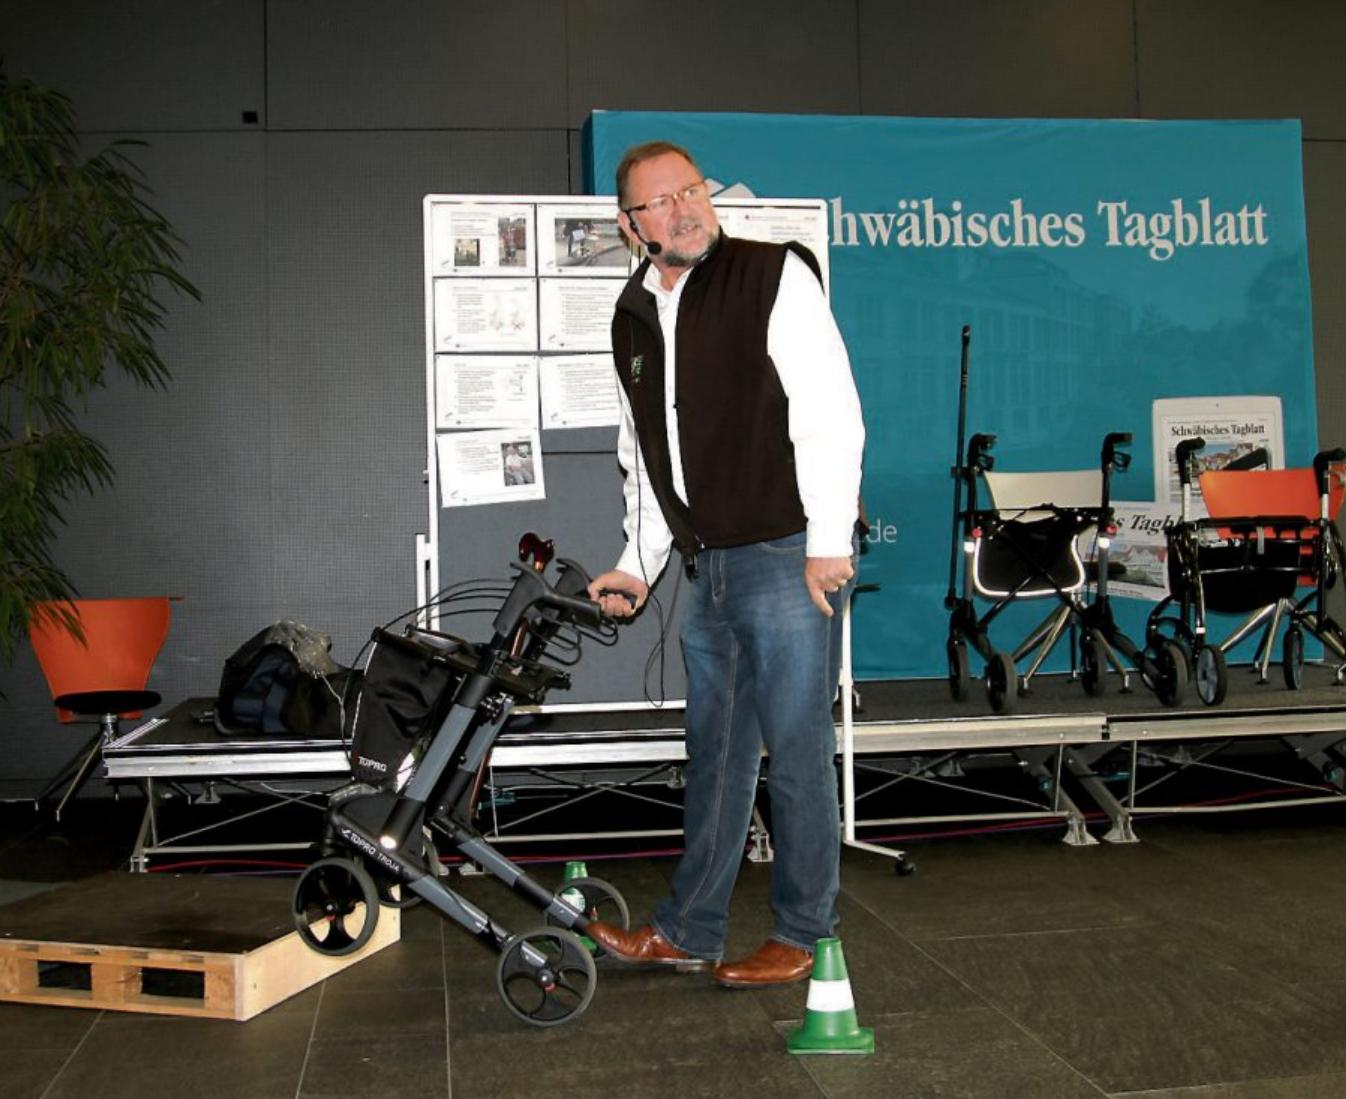 """Unter dem Motto """"Sicher fit unterwegs im Rollatorparcours"""" lädt Erich Klett von der Tübinger Kreisverkehrswacht die Besucher der sen'FIT von 11.30 bis 12 Uhr zu einem Kurs mit praktischen Übungen ein. Bild: Stefan Zibulla"""